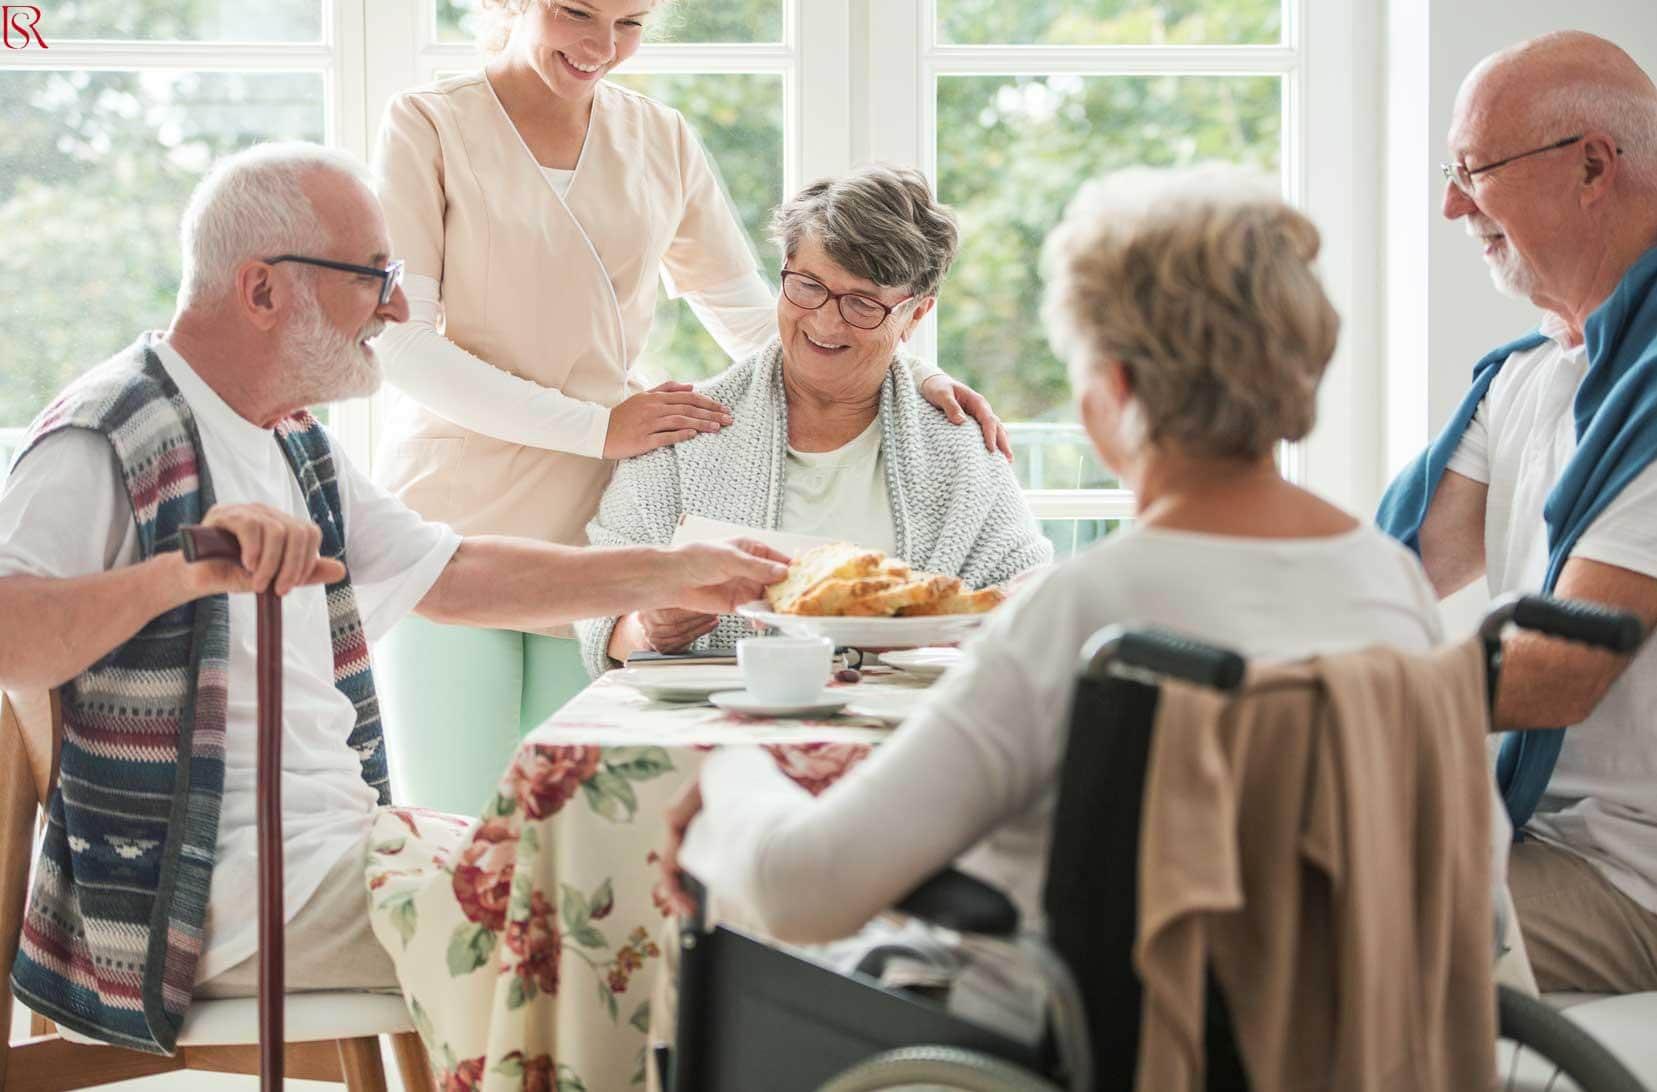 أهمية التواصل الاجتماعي لكبار السن وما دور شركات مسنين بالمنزل؟